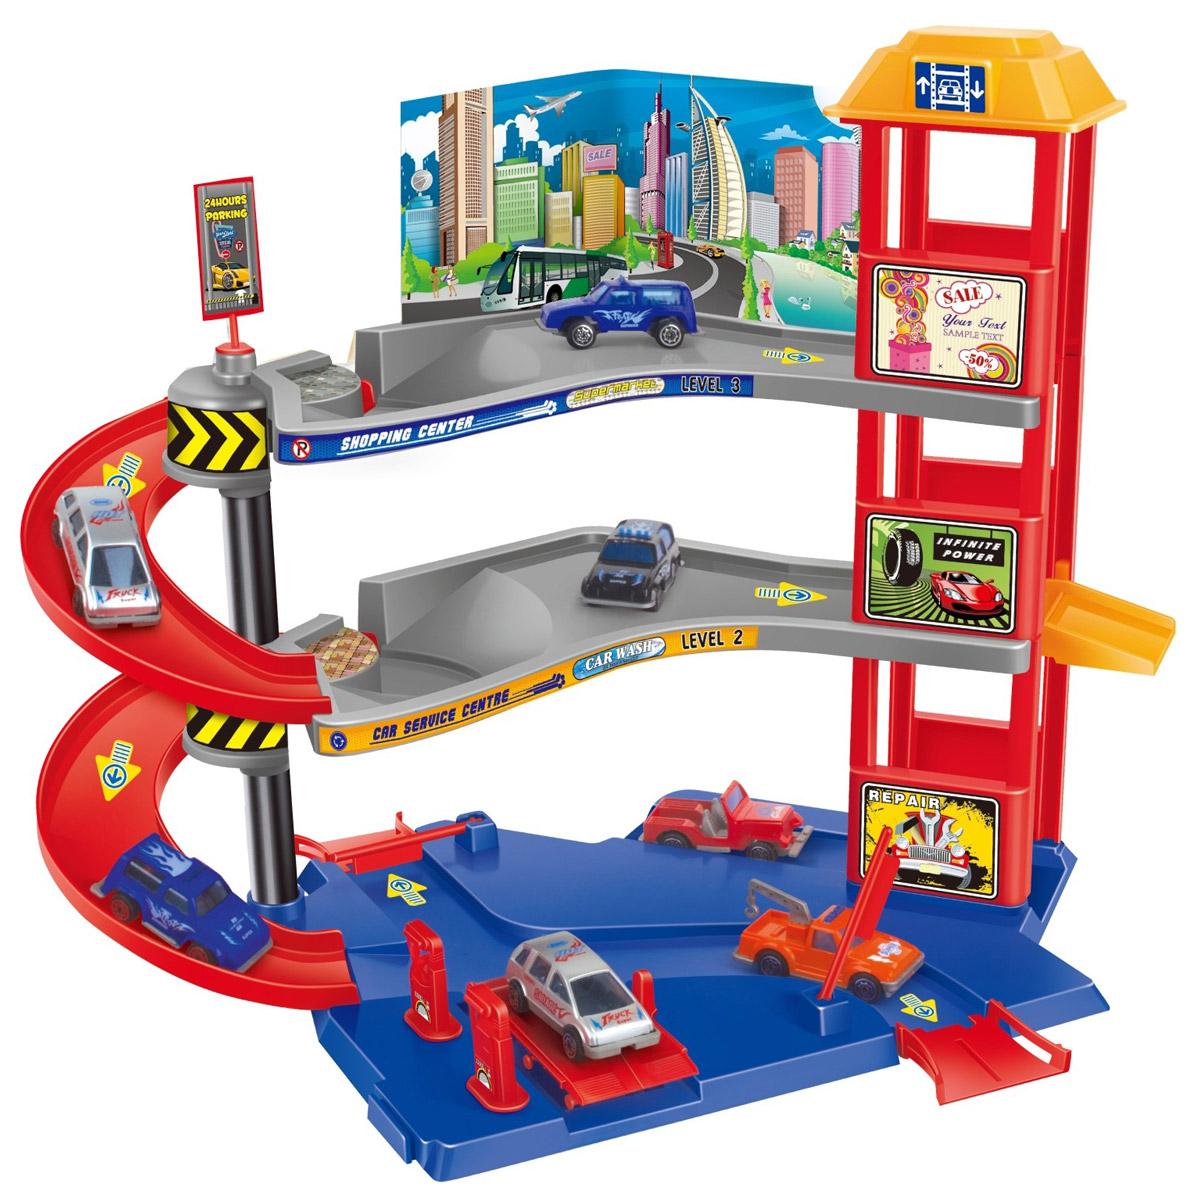 Dave Toy Игровой набор Парковочная башня32029Игровой набор Dave Toy Парковочная башня - это будет отличное приобретение для вашего малыша. Все детали игрового набора выполнены из качественного безопасного для детей материала. Парковка имеет три уровня и множество съездов и заездов для машинок. Красная башня с желтой крышей соединяет все три уровня парковки. Мостики для въезда и выезда поднимаются. В комплекте с парковкой идут 3 машинки белого, черного и красного цветов. Сама парковка выполнена в приятных красных, синих, желтых и серых цветах. Процесс сборки Парковочной башни будет не менее захватывающим, чем сама игра. Играя в этот игровой набор, ваш ребенок сможет весело проводить свое время как один, так и в компании сверстников.